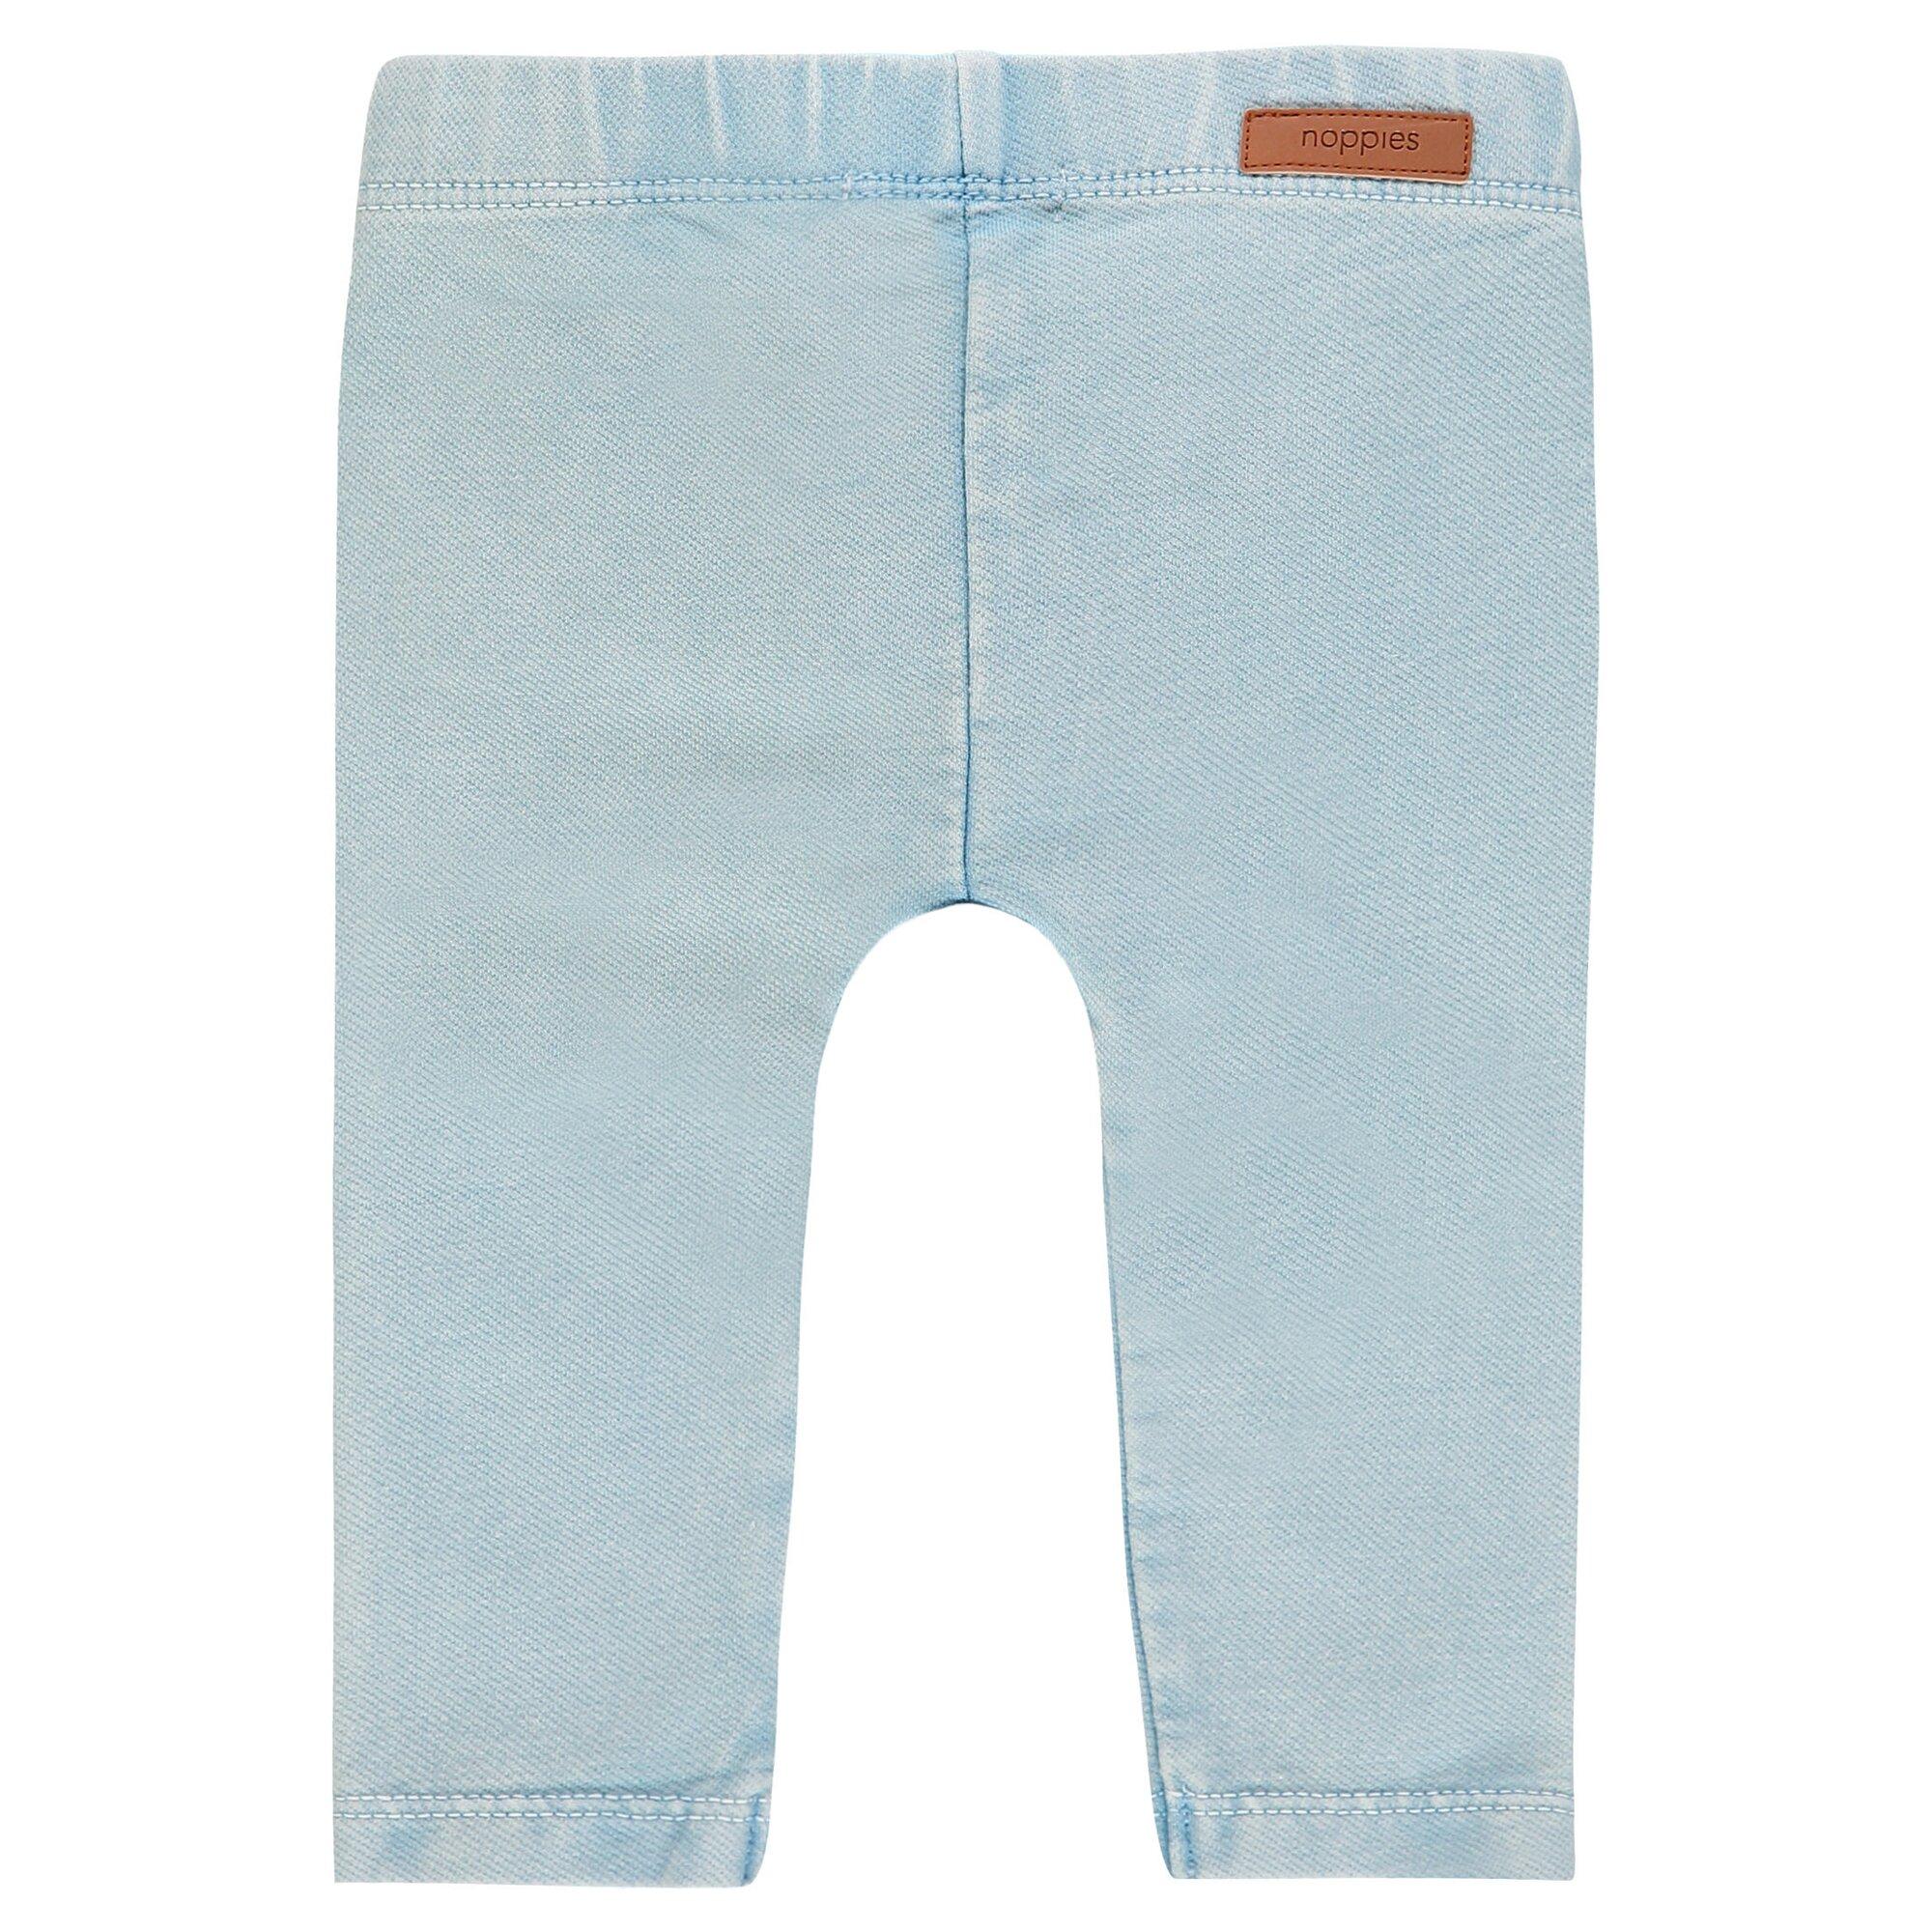 noppies-leggings-reston